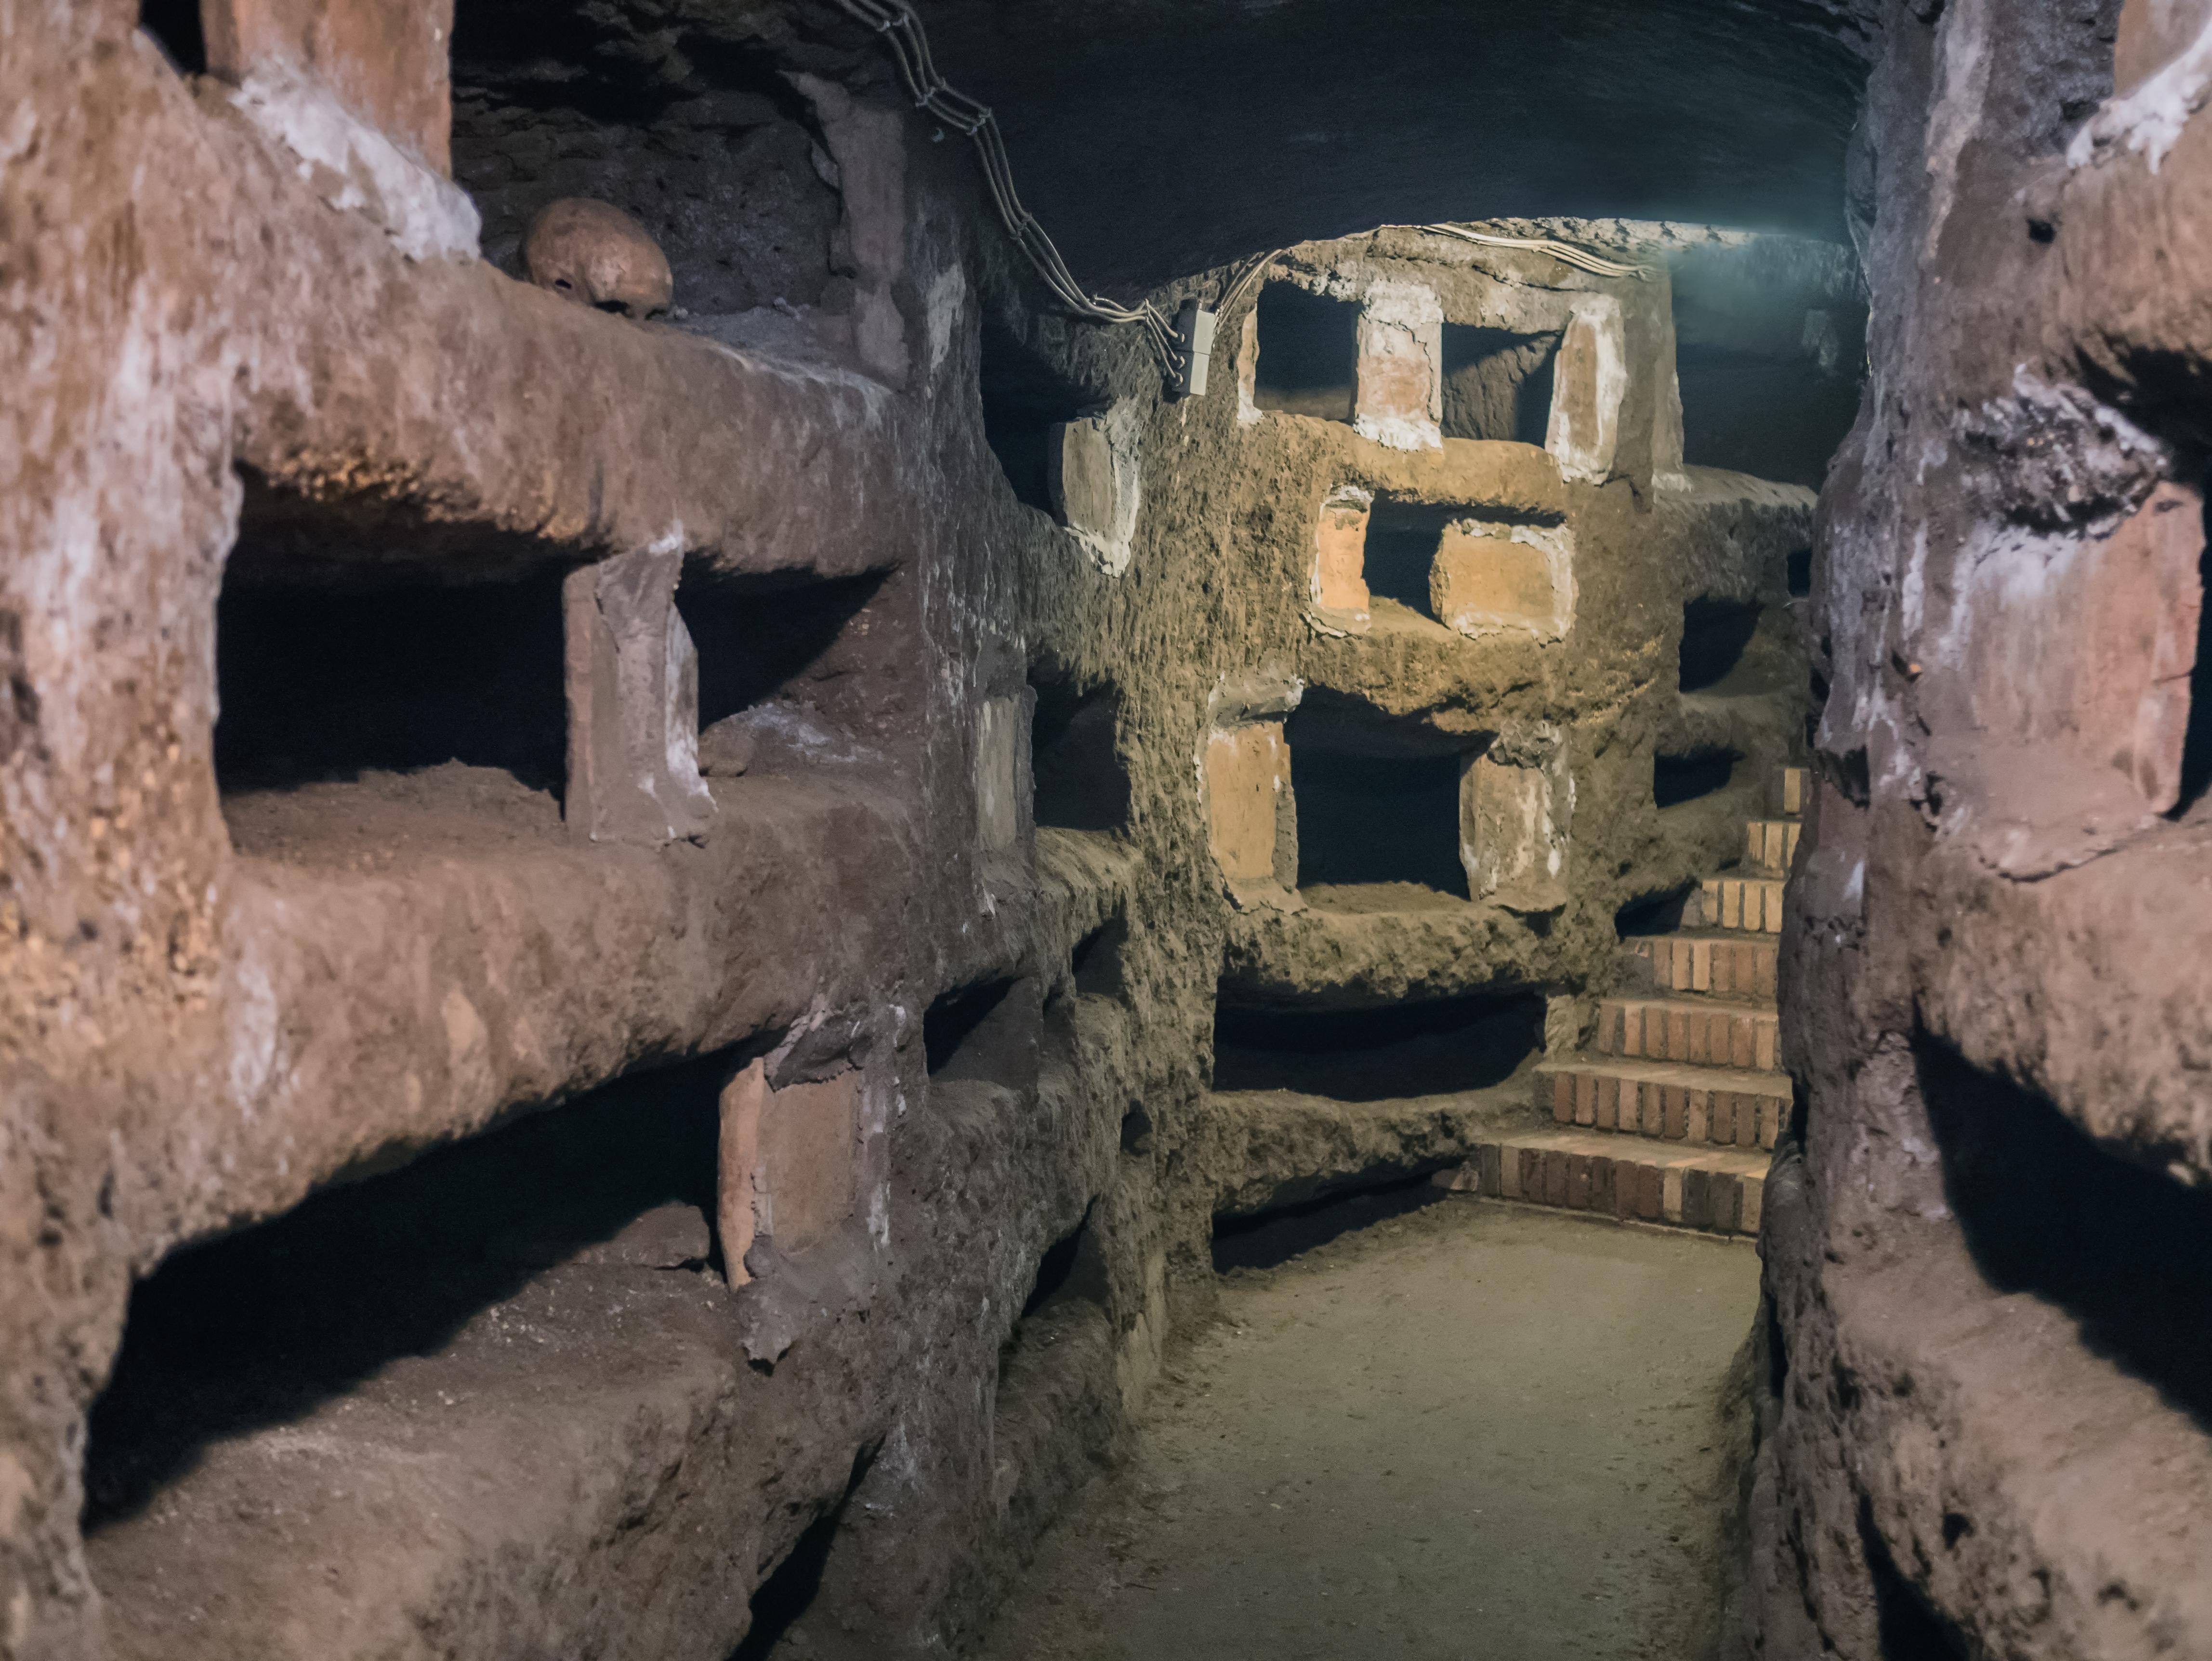 Descubre las catacumbas escondidas bajo el suelo romano - Italia Circuito Italia Clásica I y Costa Azul